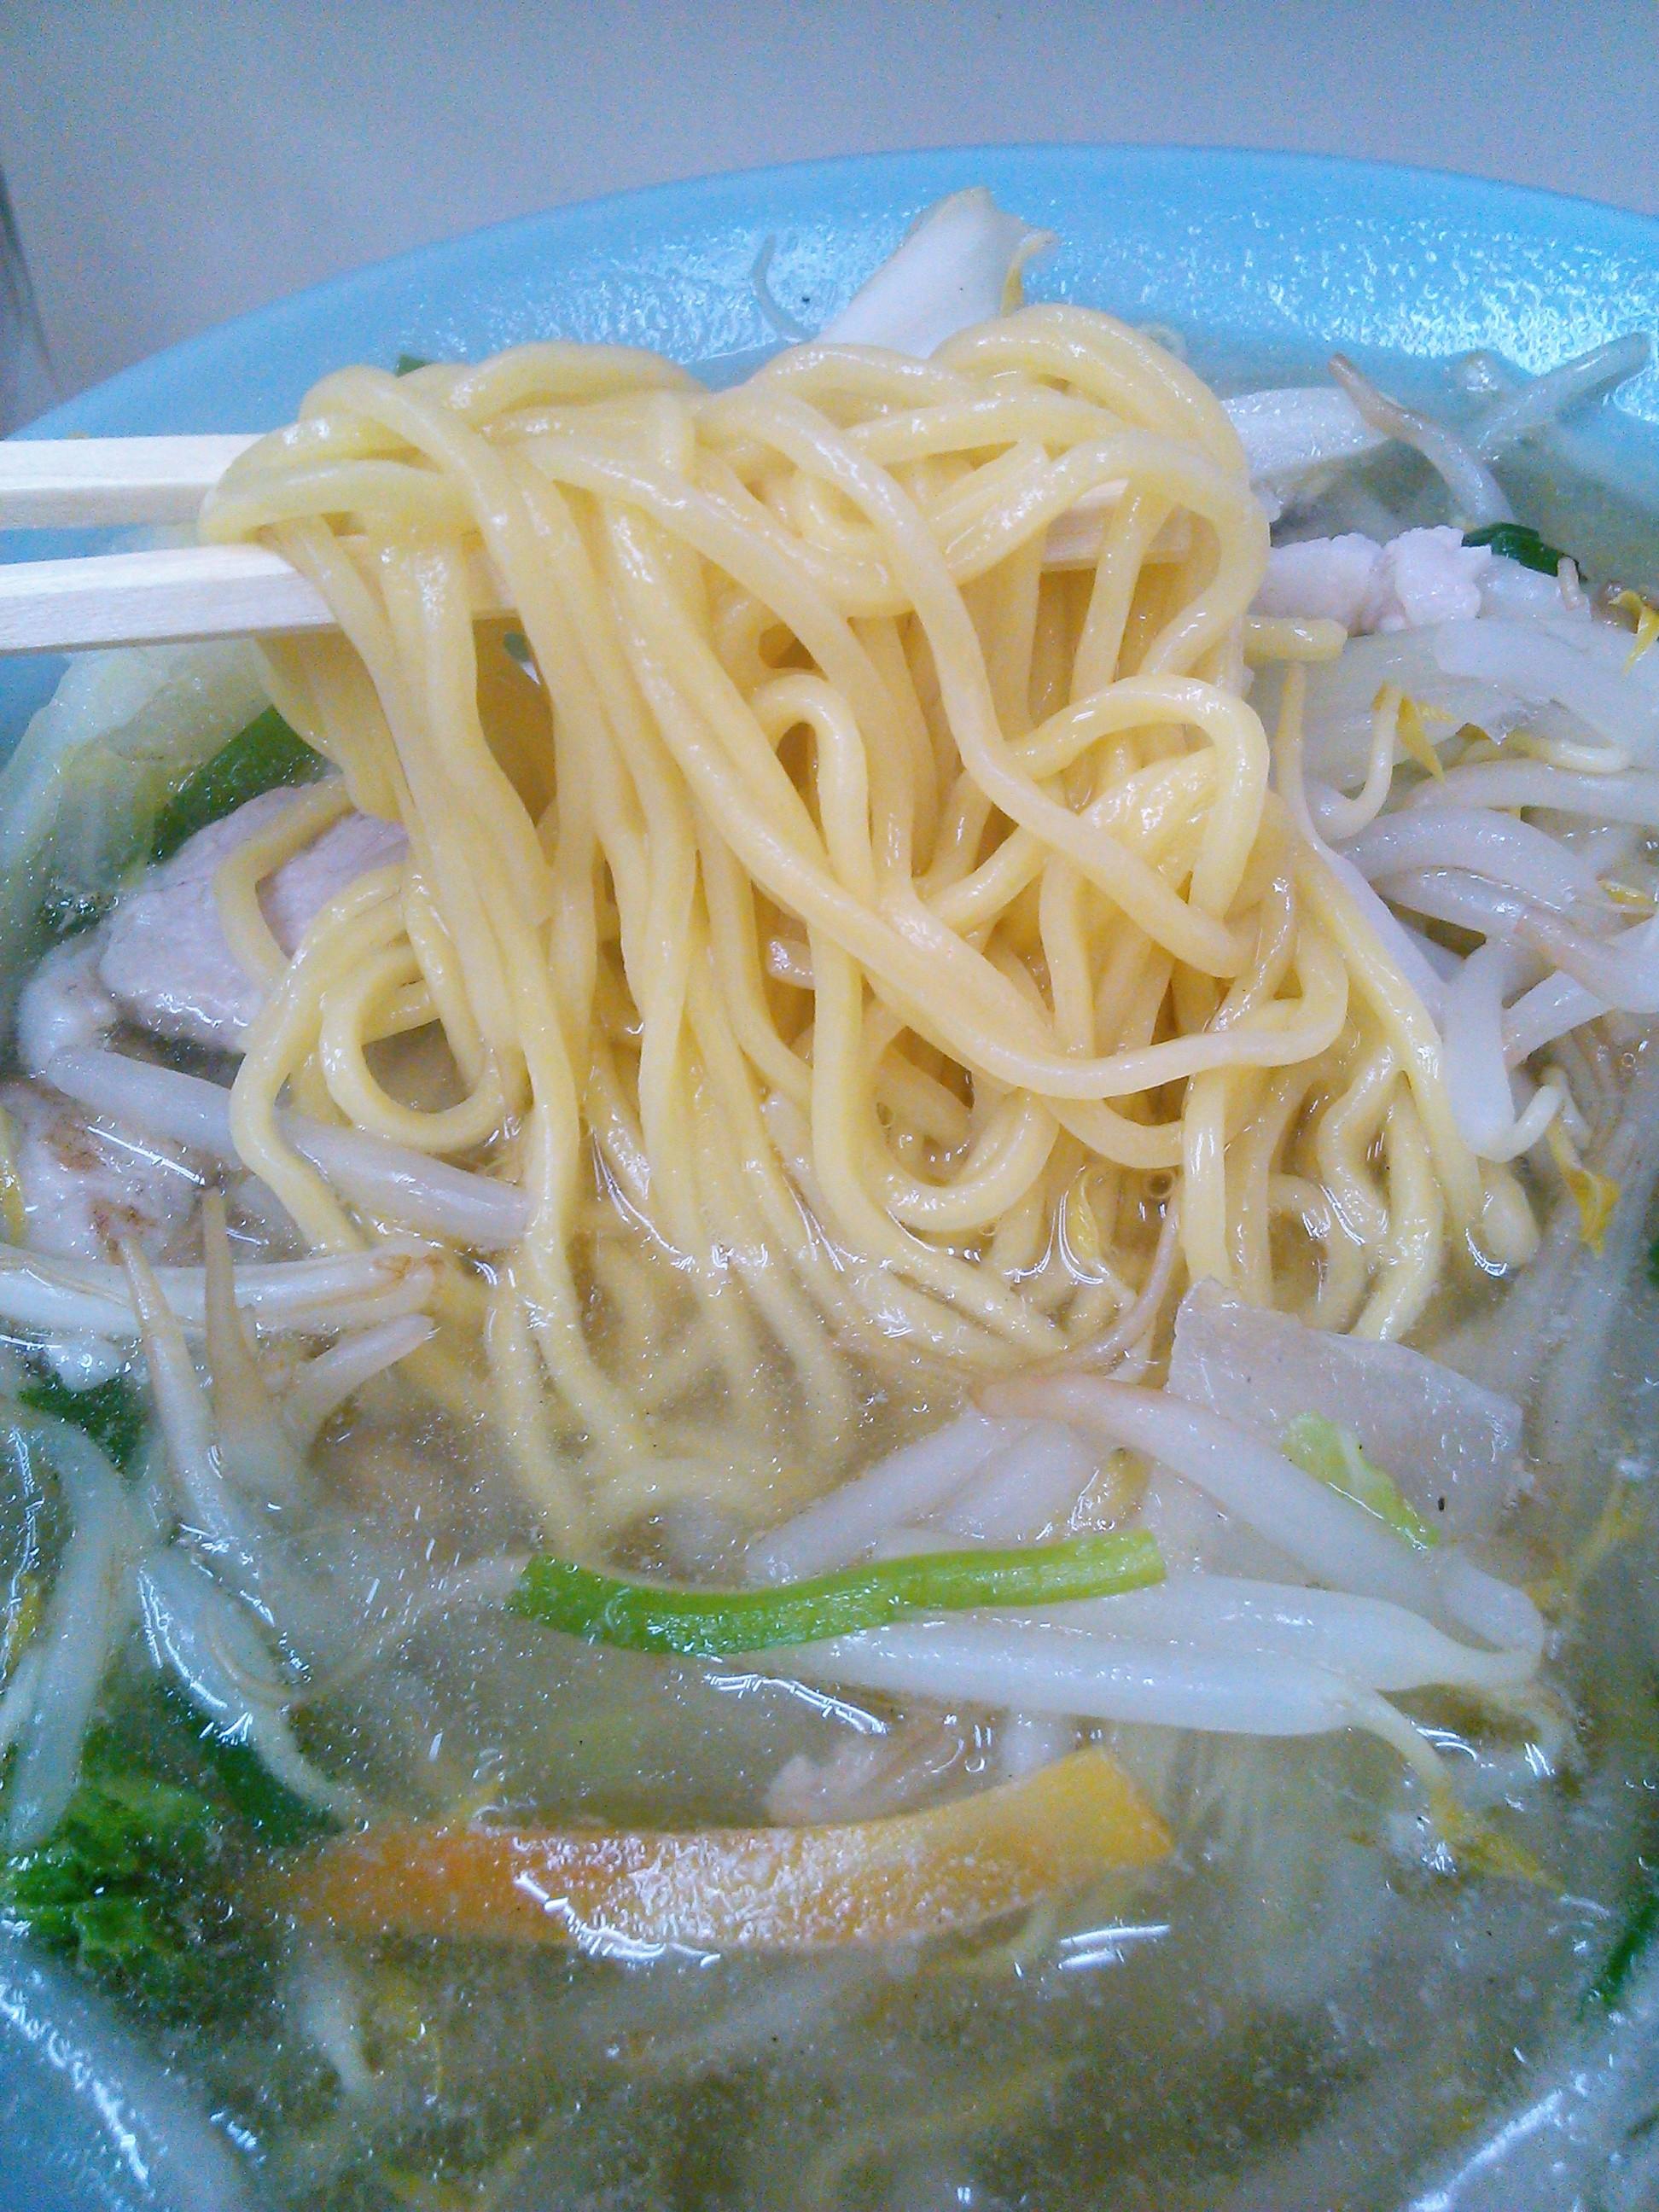 三陽のタンメンは黄色いストレート麺